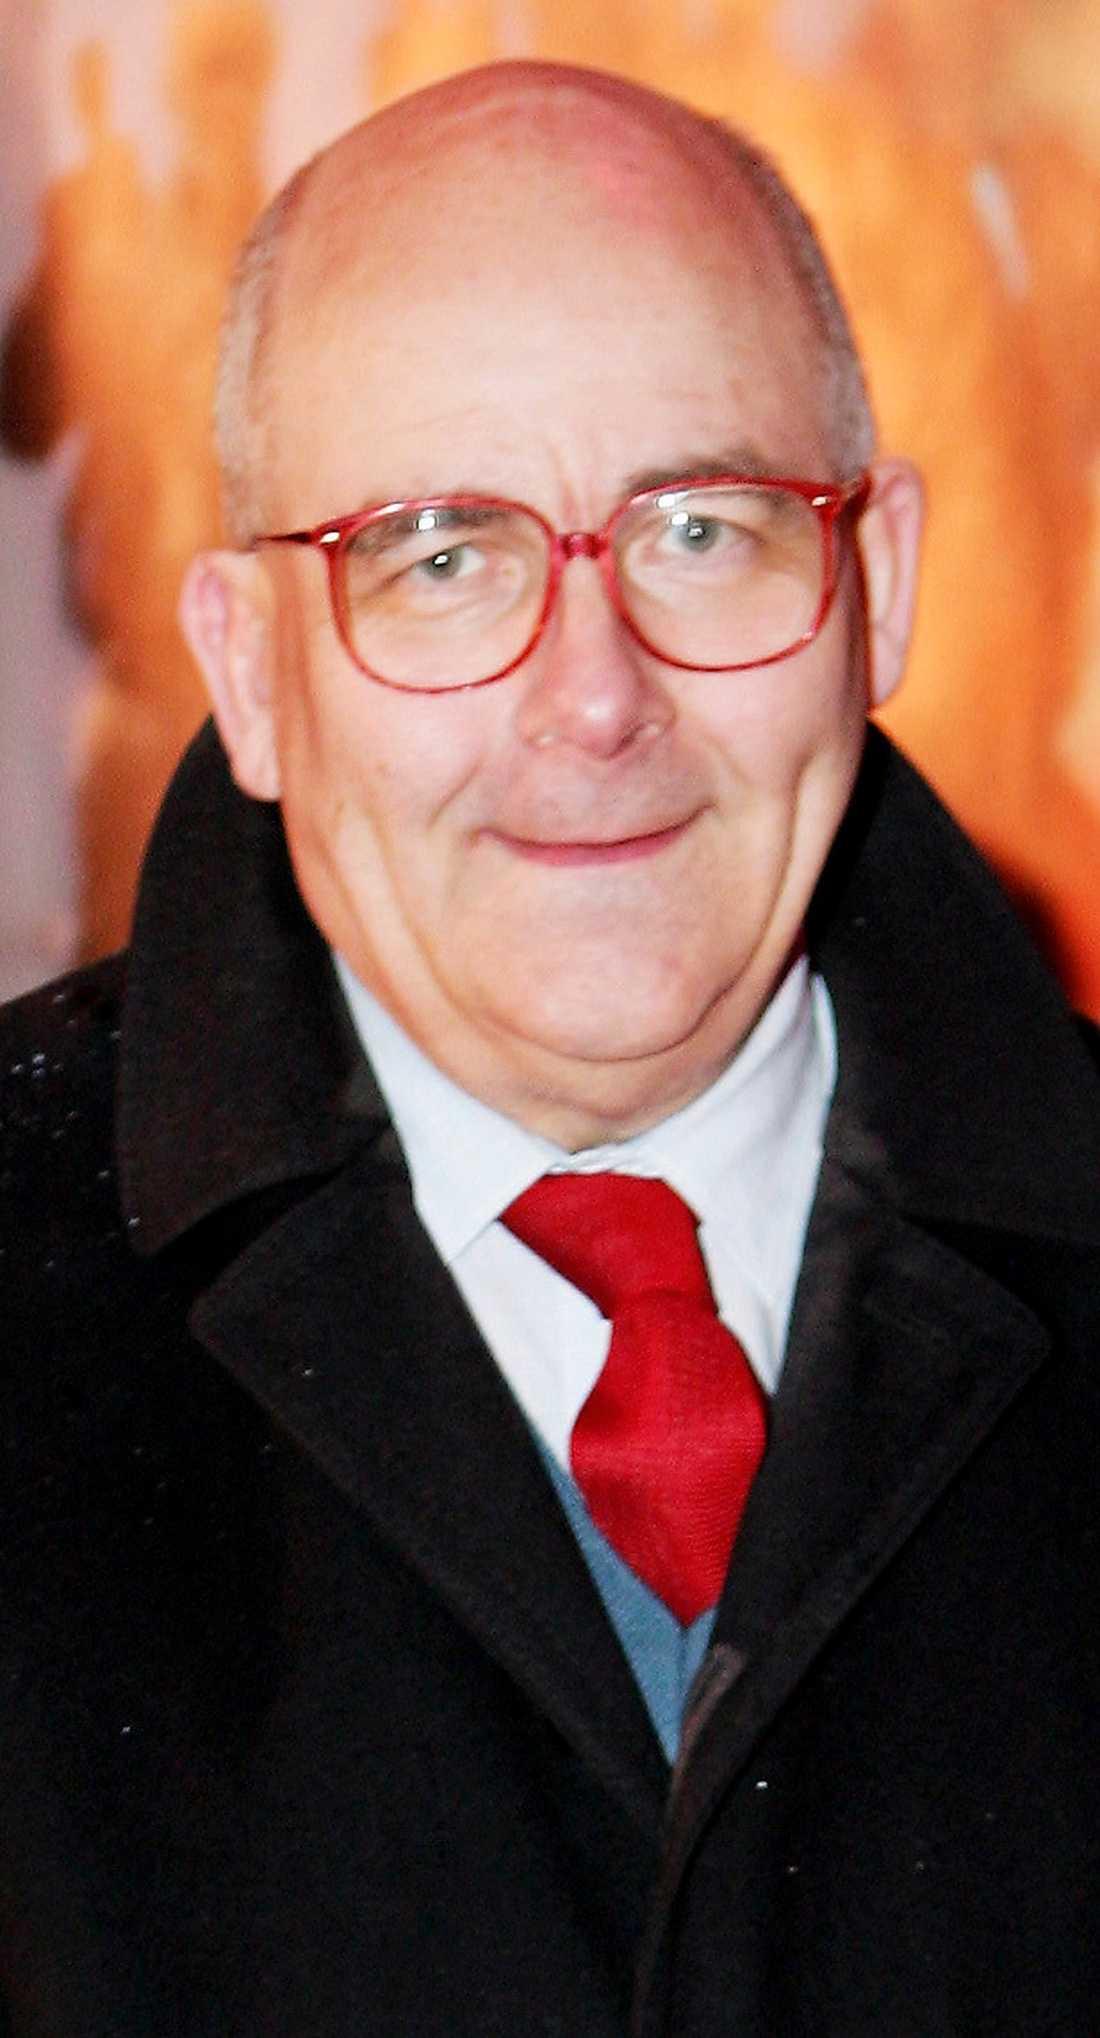 """Henrik S Järrel, 62: Även programledare för """"Sånt är livet"""". Var också riksdagsledamot för moderaterna under många år."""